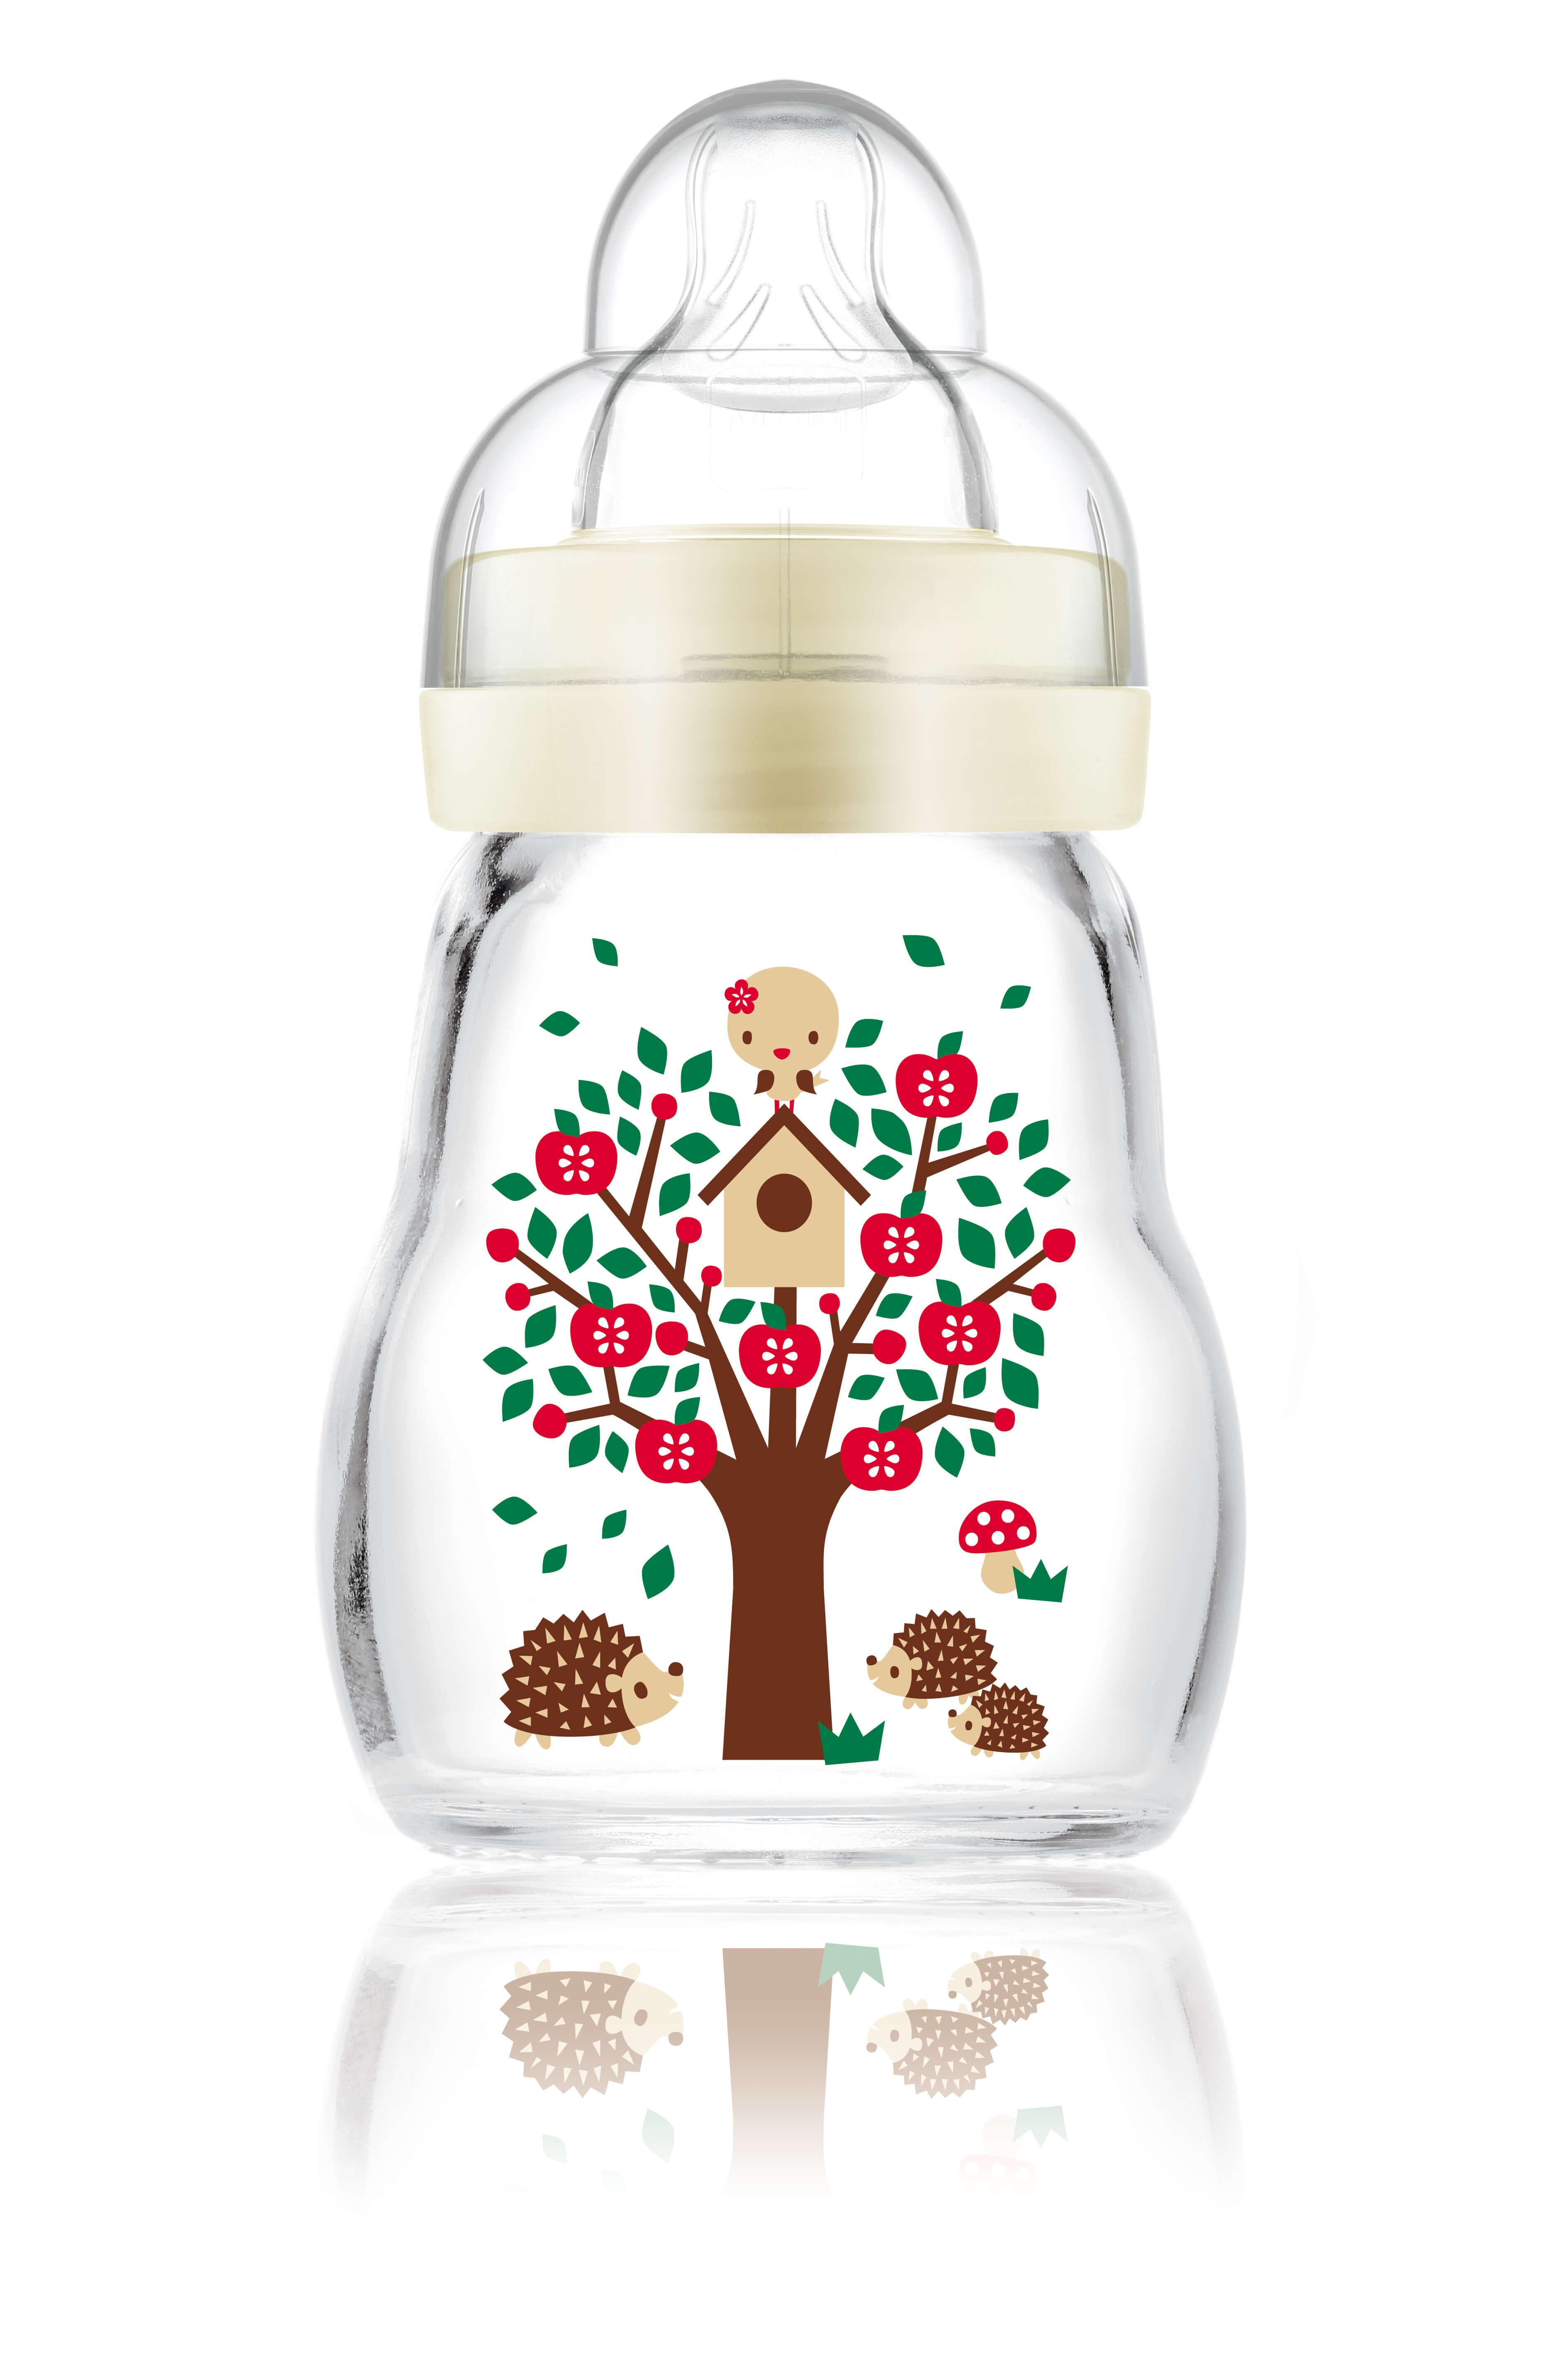 Baby-Überraschungsset im Wert von 100 Euro